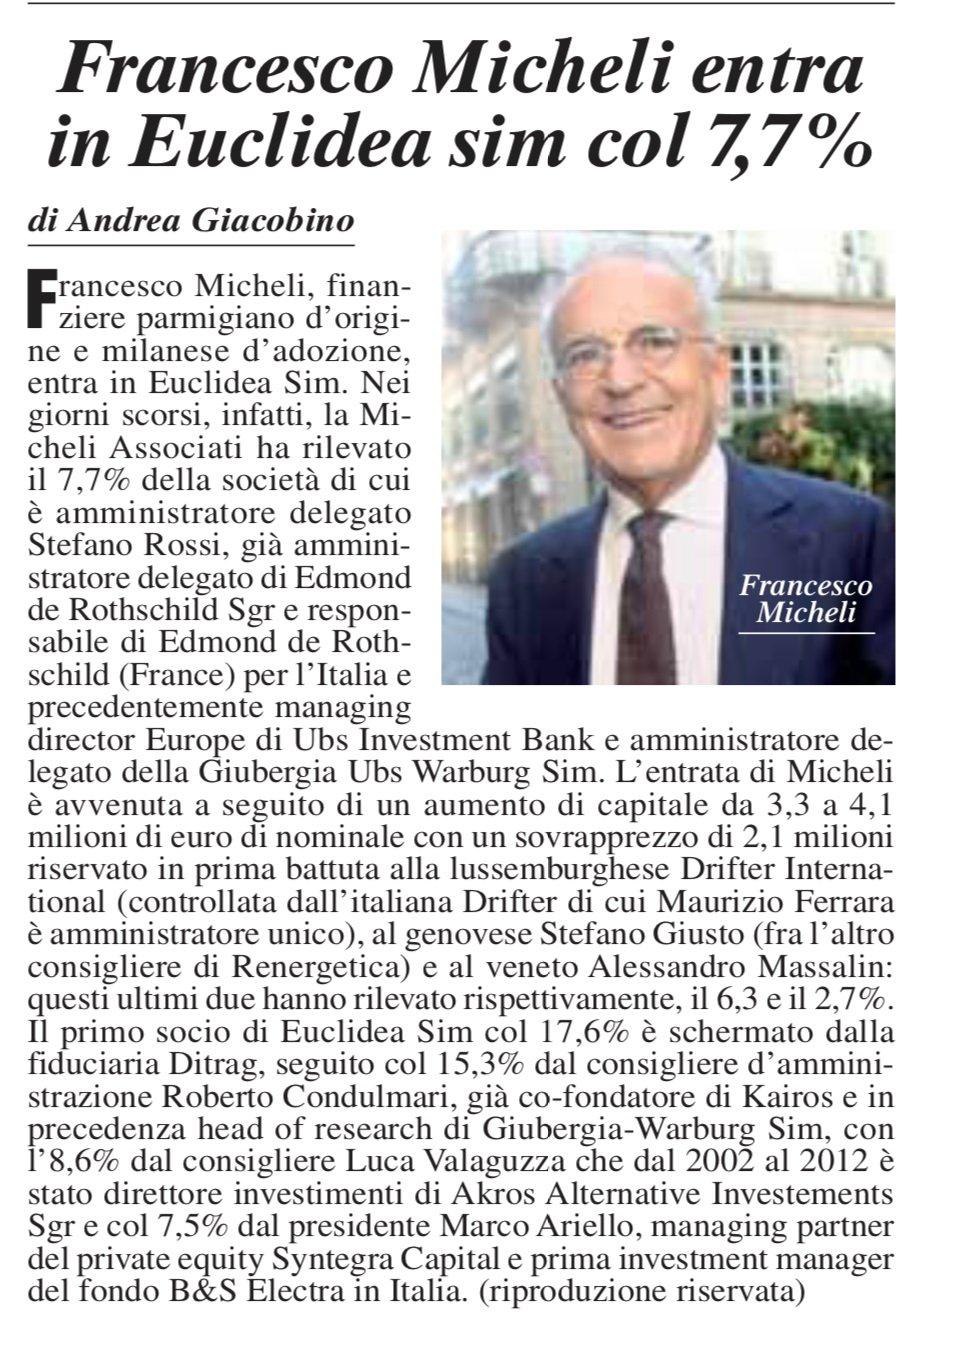 Milano-Finanza-Euclidea-entra-Micheli